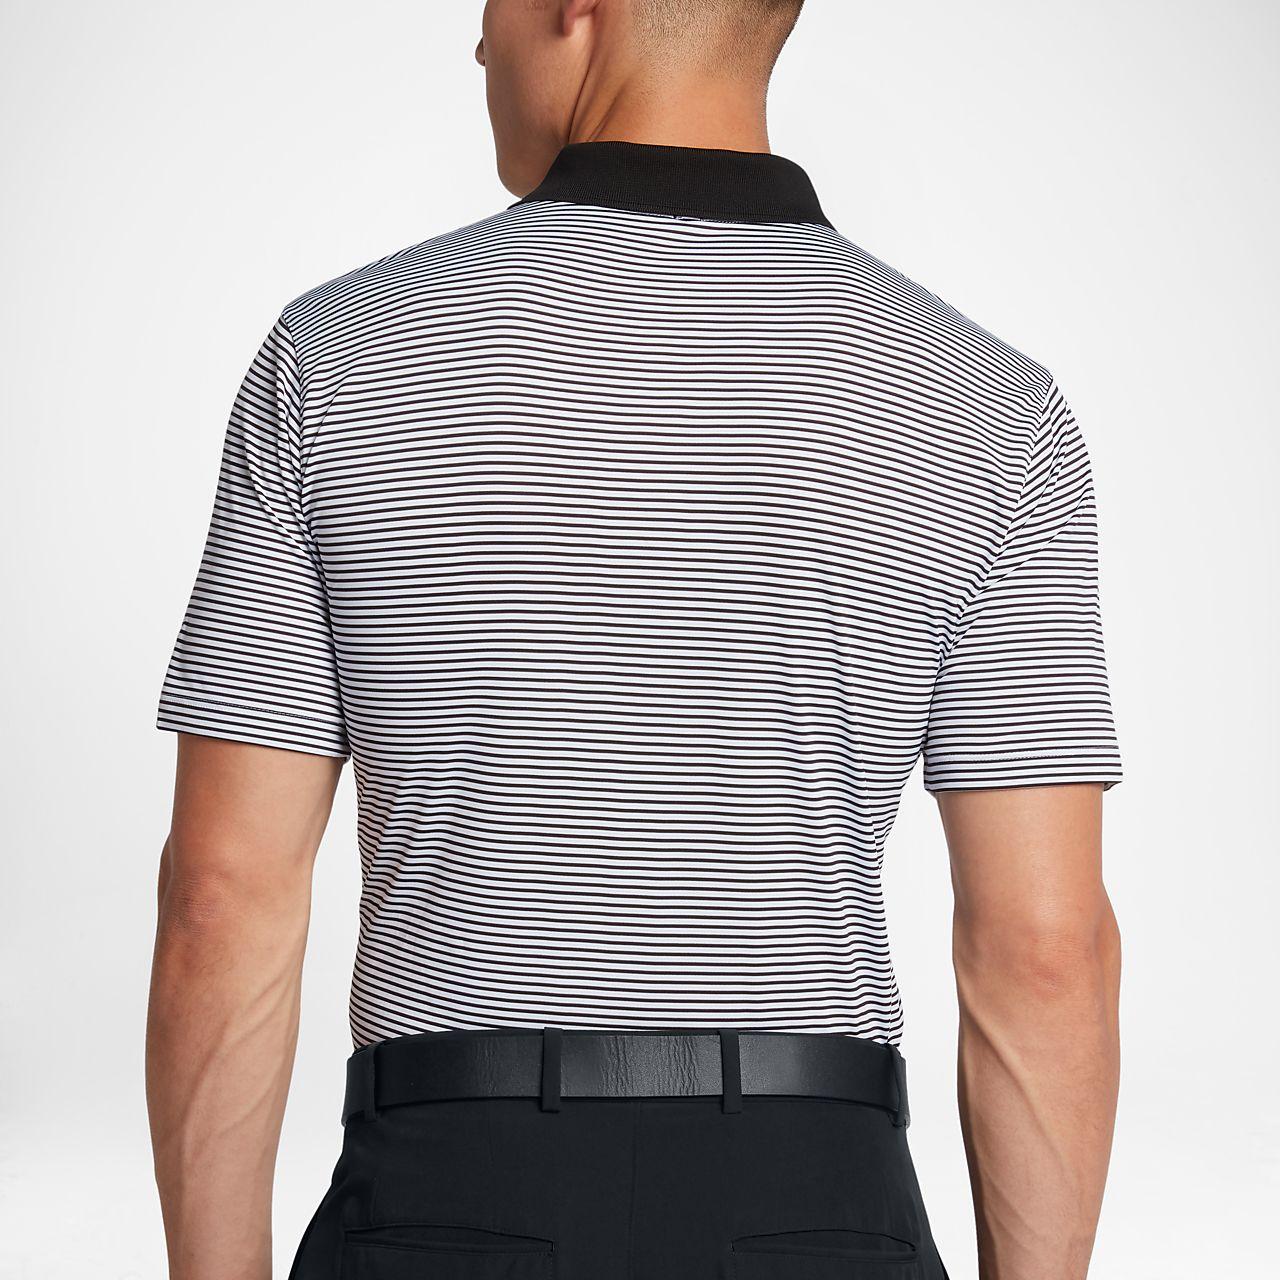 nike air max micro stripe shirts